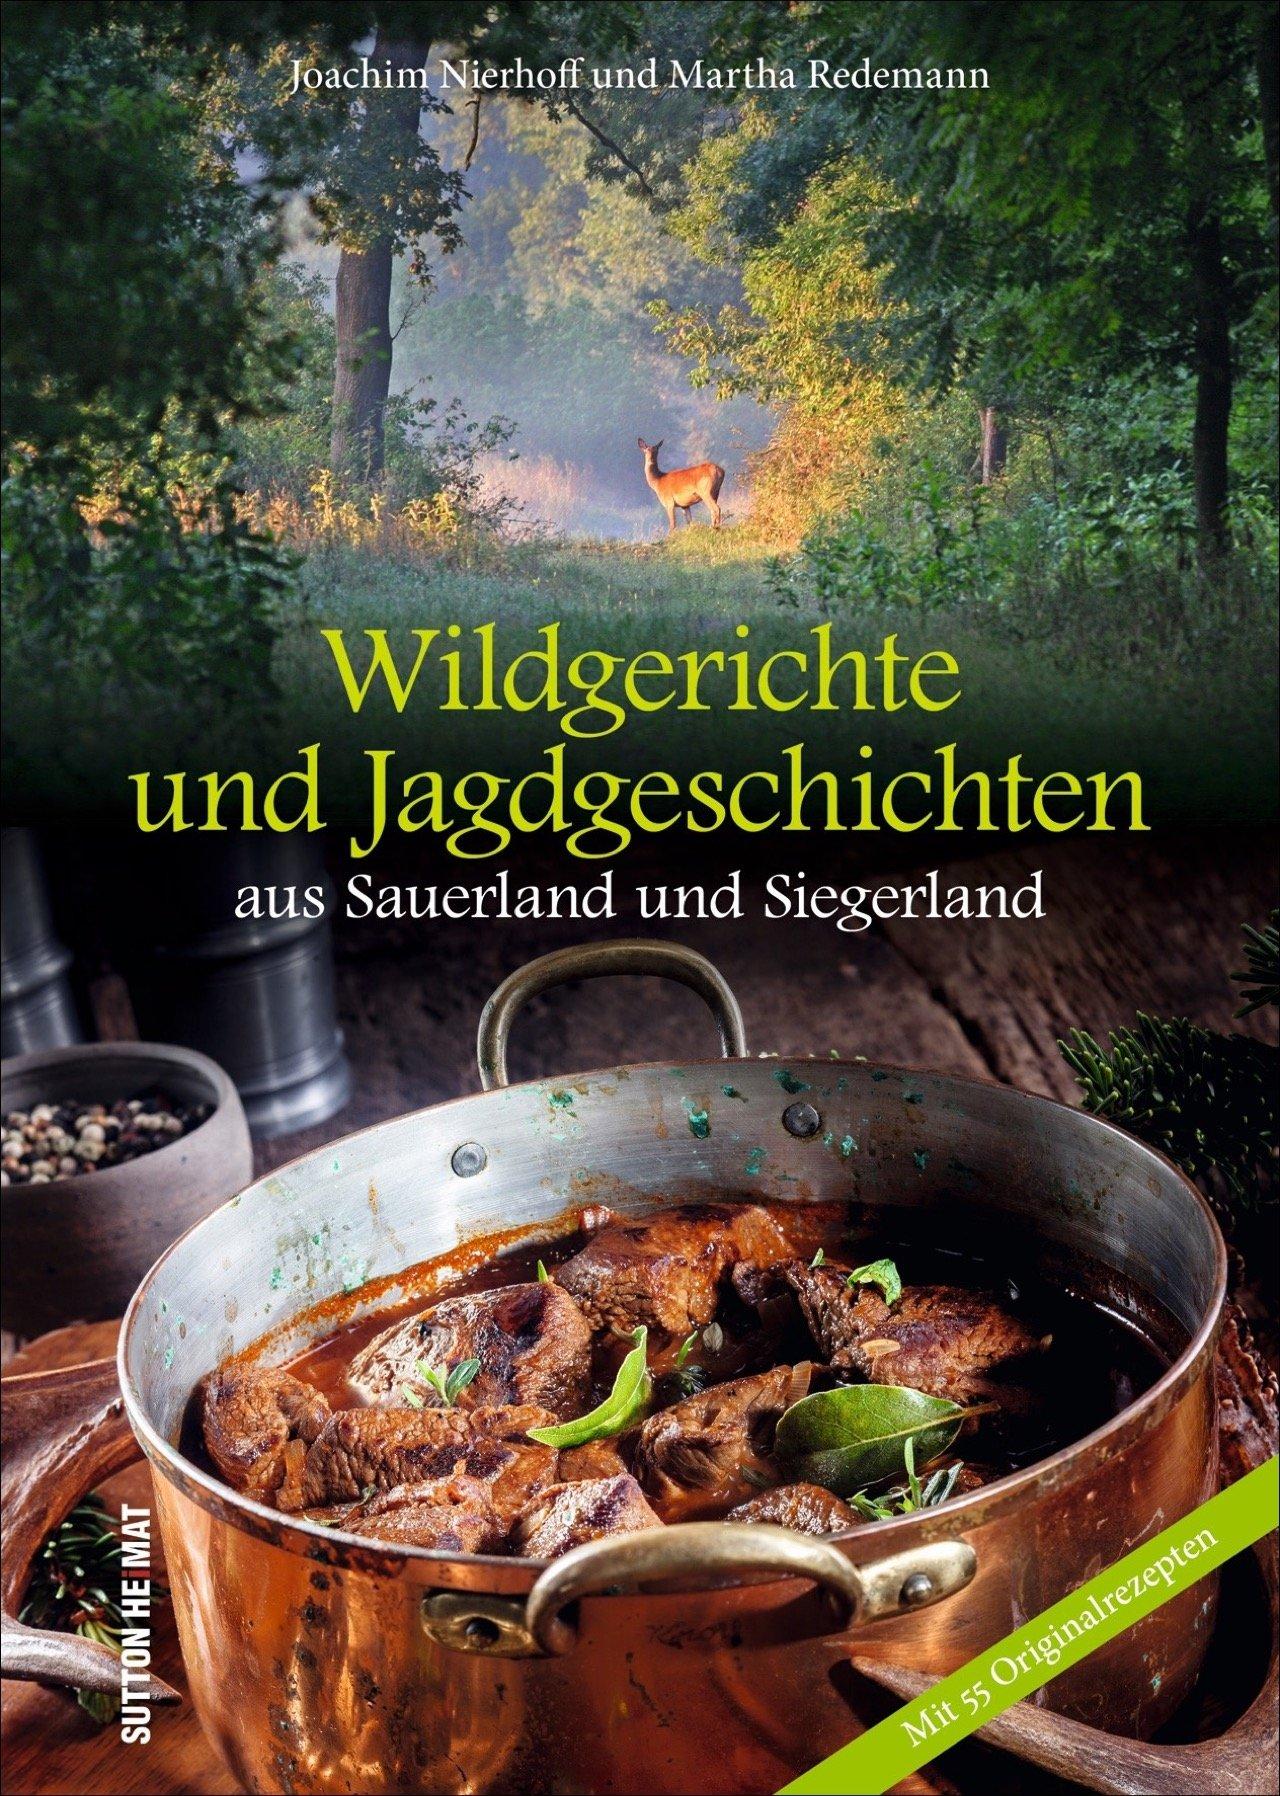 Wildgerichte und Jagdgeschichten aus aus dem Sauerland und Siegerland, reich bebilderte Sammlung der schönsten Wildrezepte (Aus der heimischen Küche)